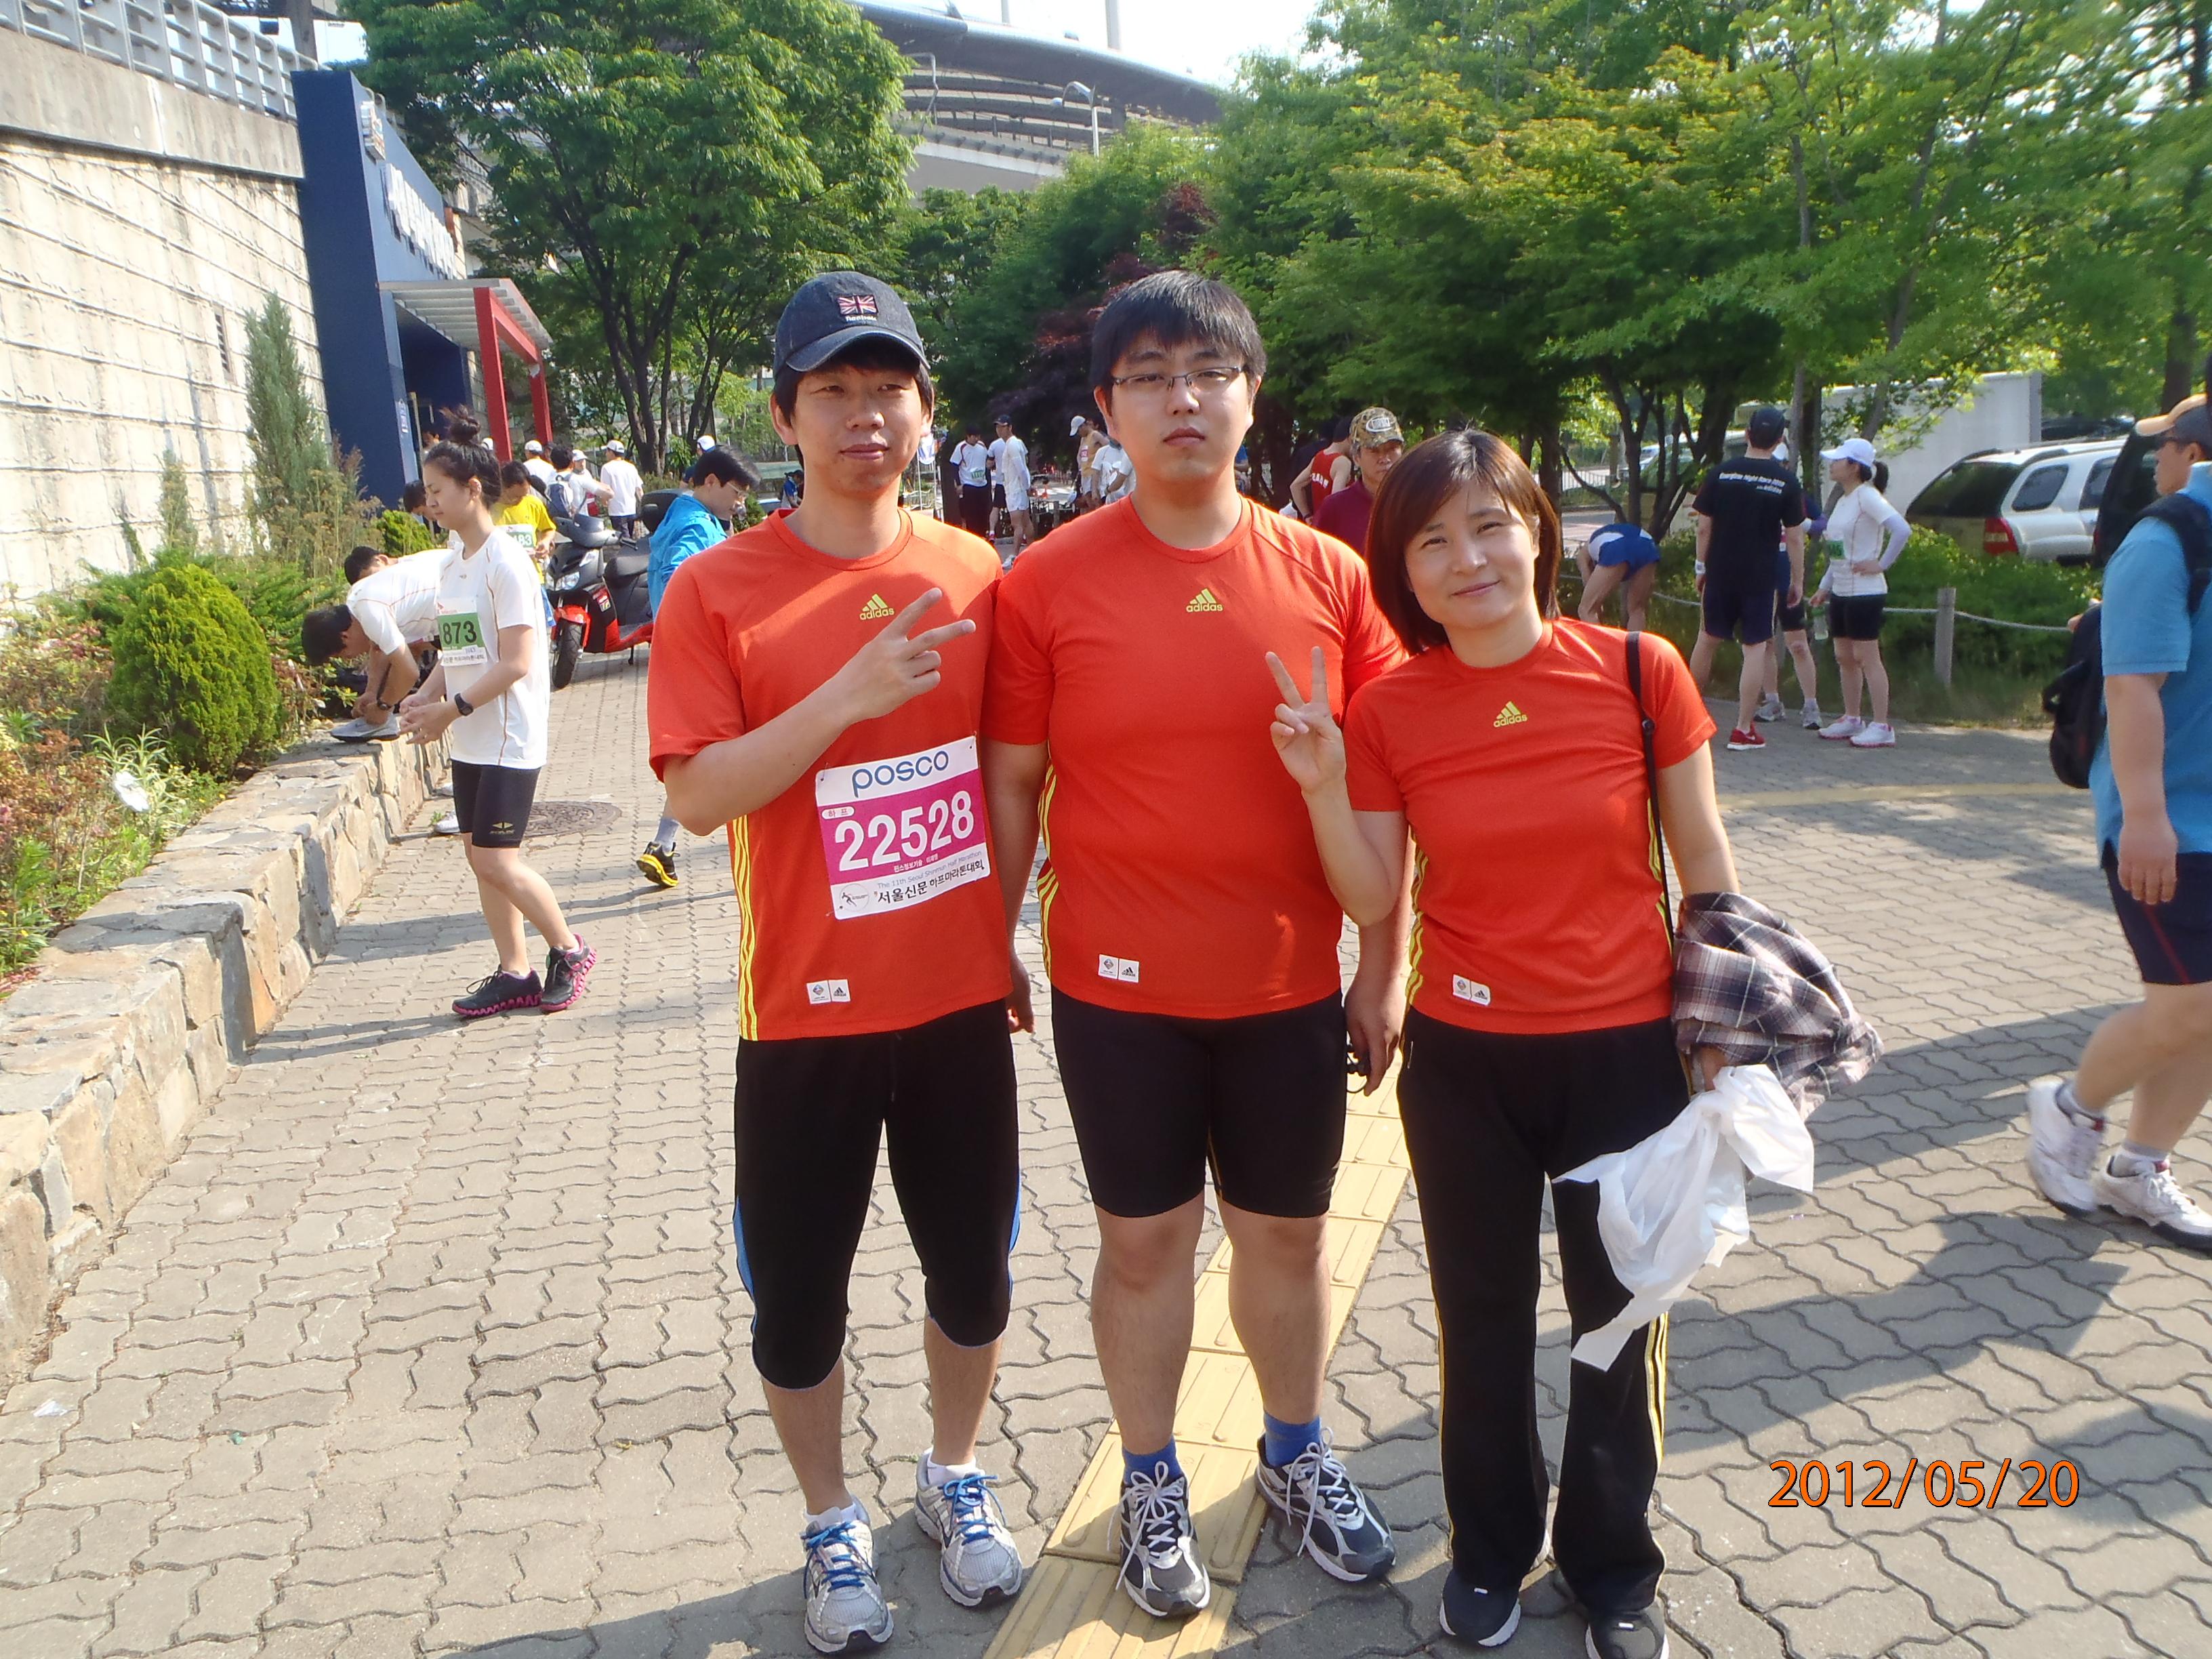 20120520 서울신문하프 (4).JPG